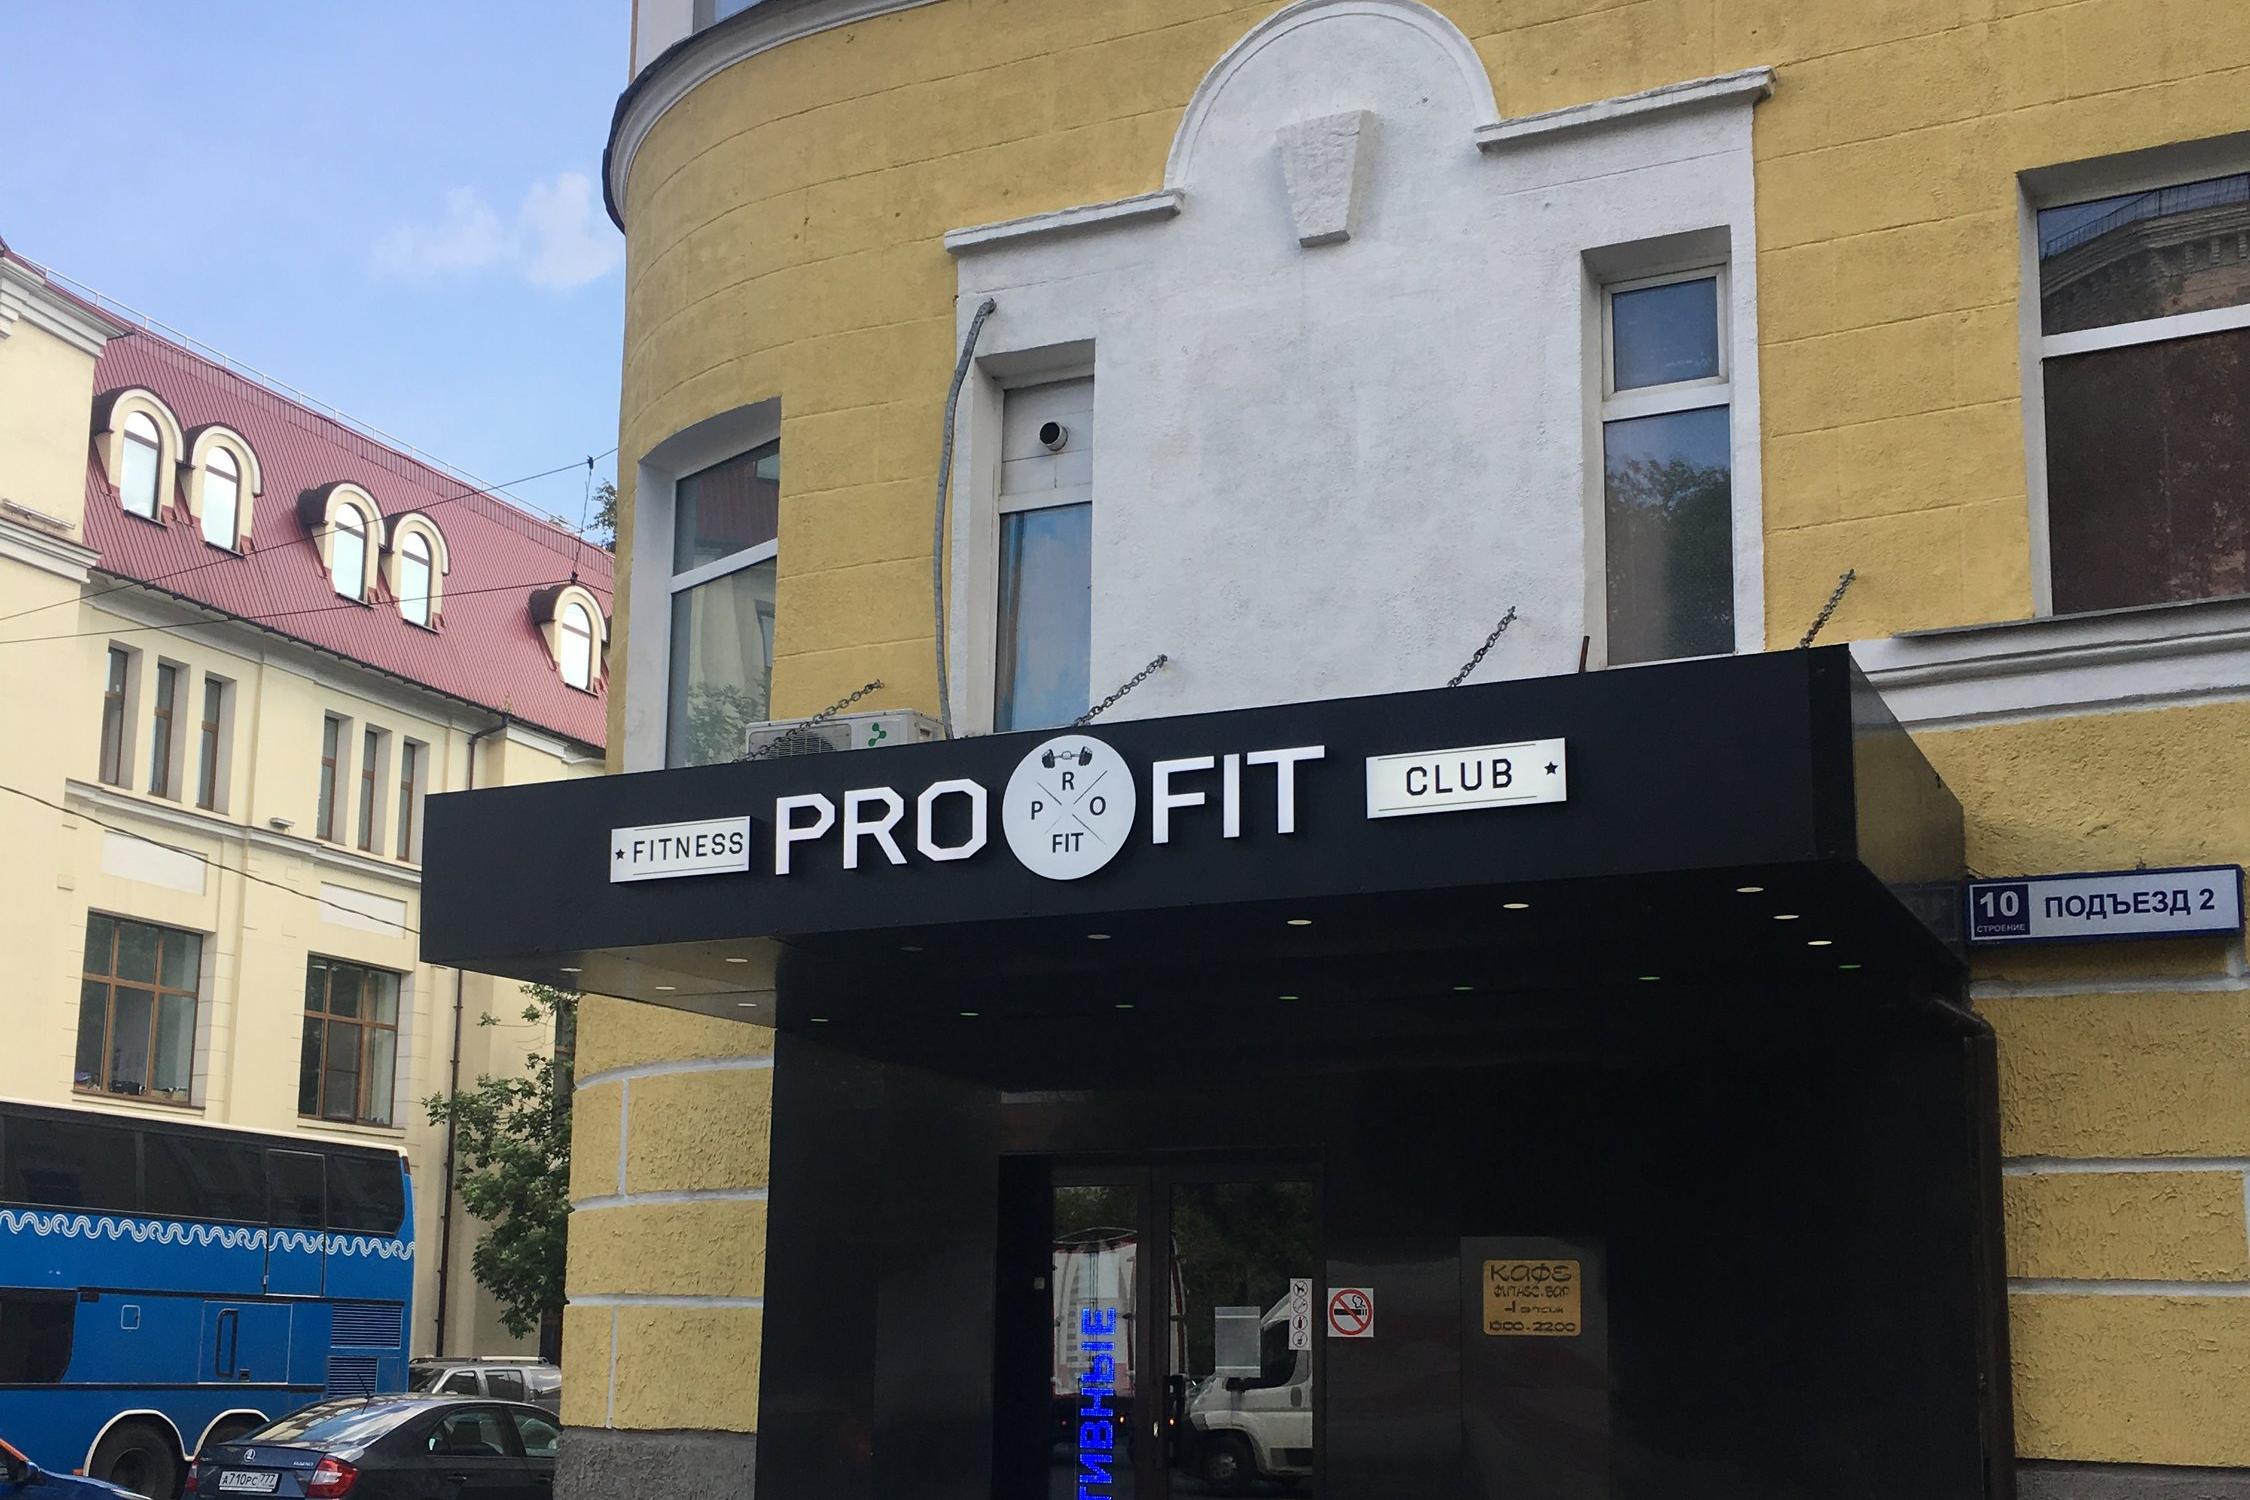 фотография Фитнес-клуба ProFit на Дербеневской улице, 20 стр 10